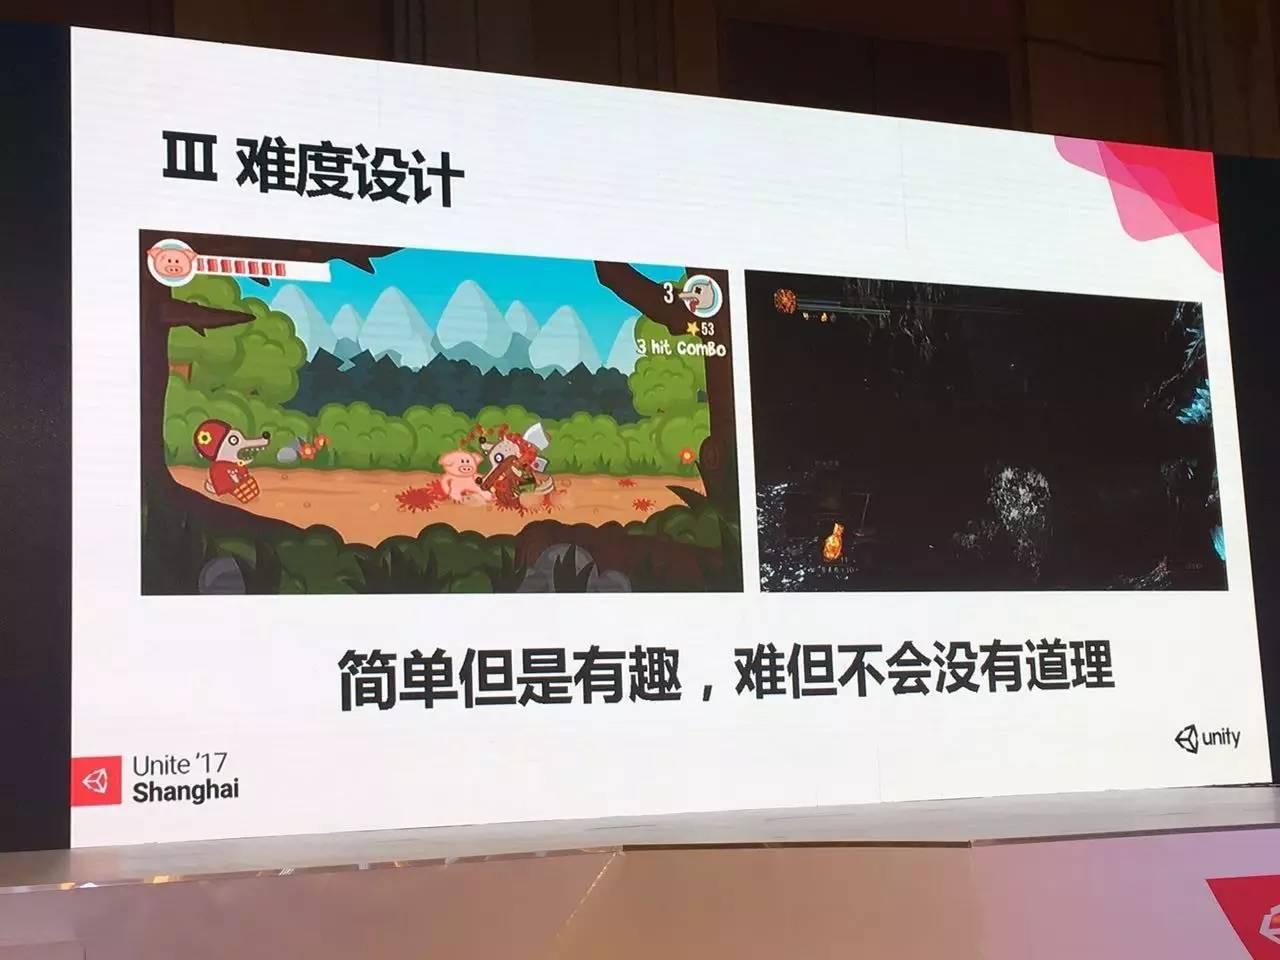 国产独立游戏Steam销量之首!《失落城堡》制作人谈小团队如何做好游戏开发